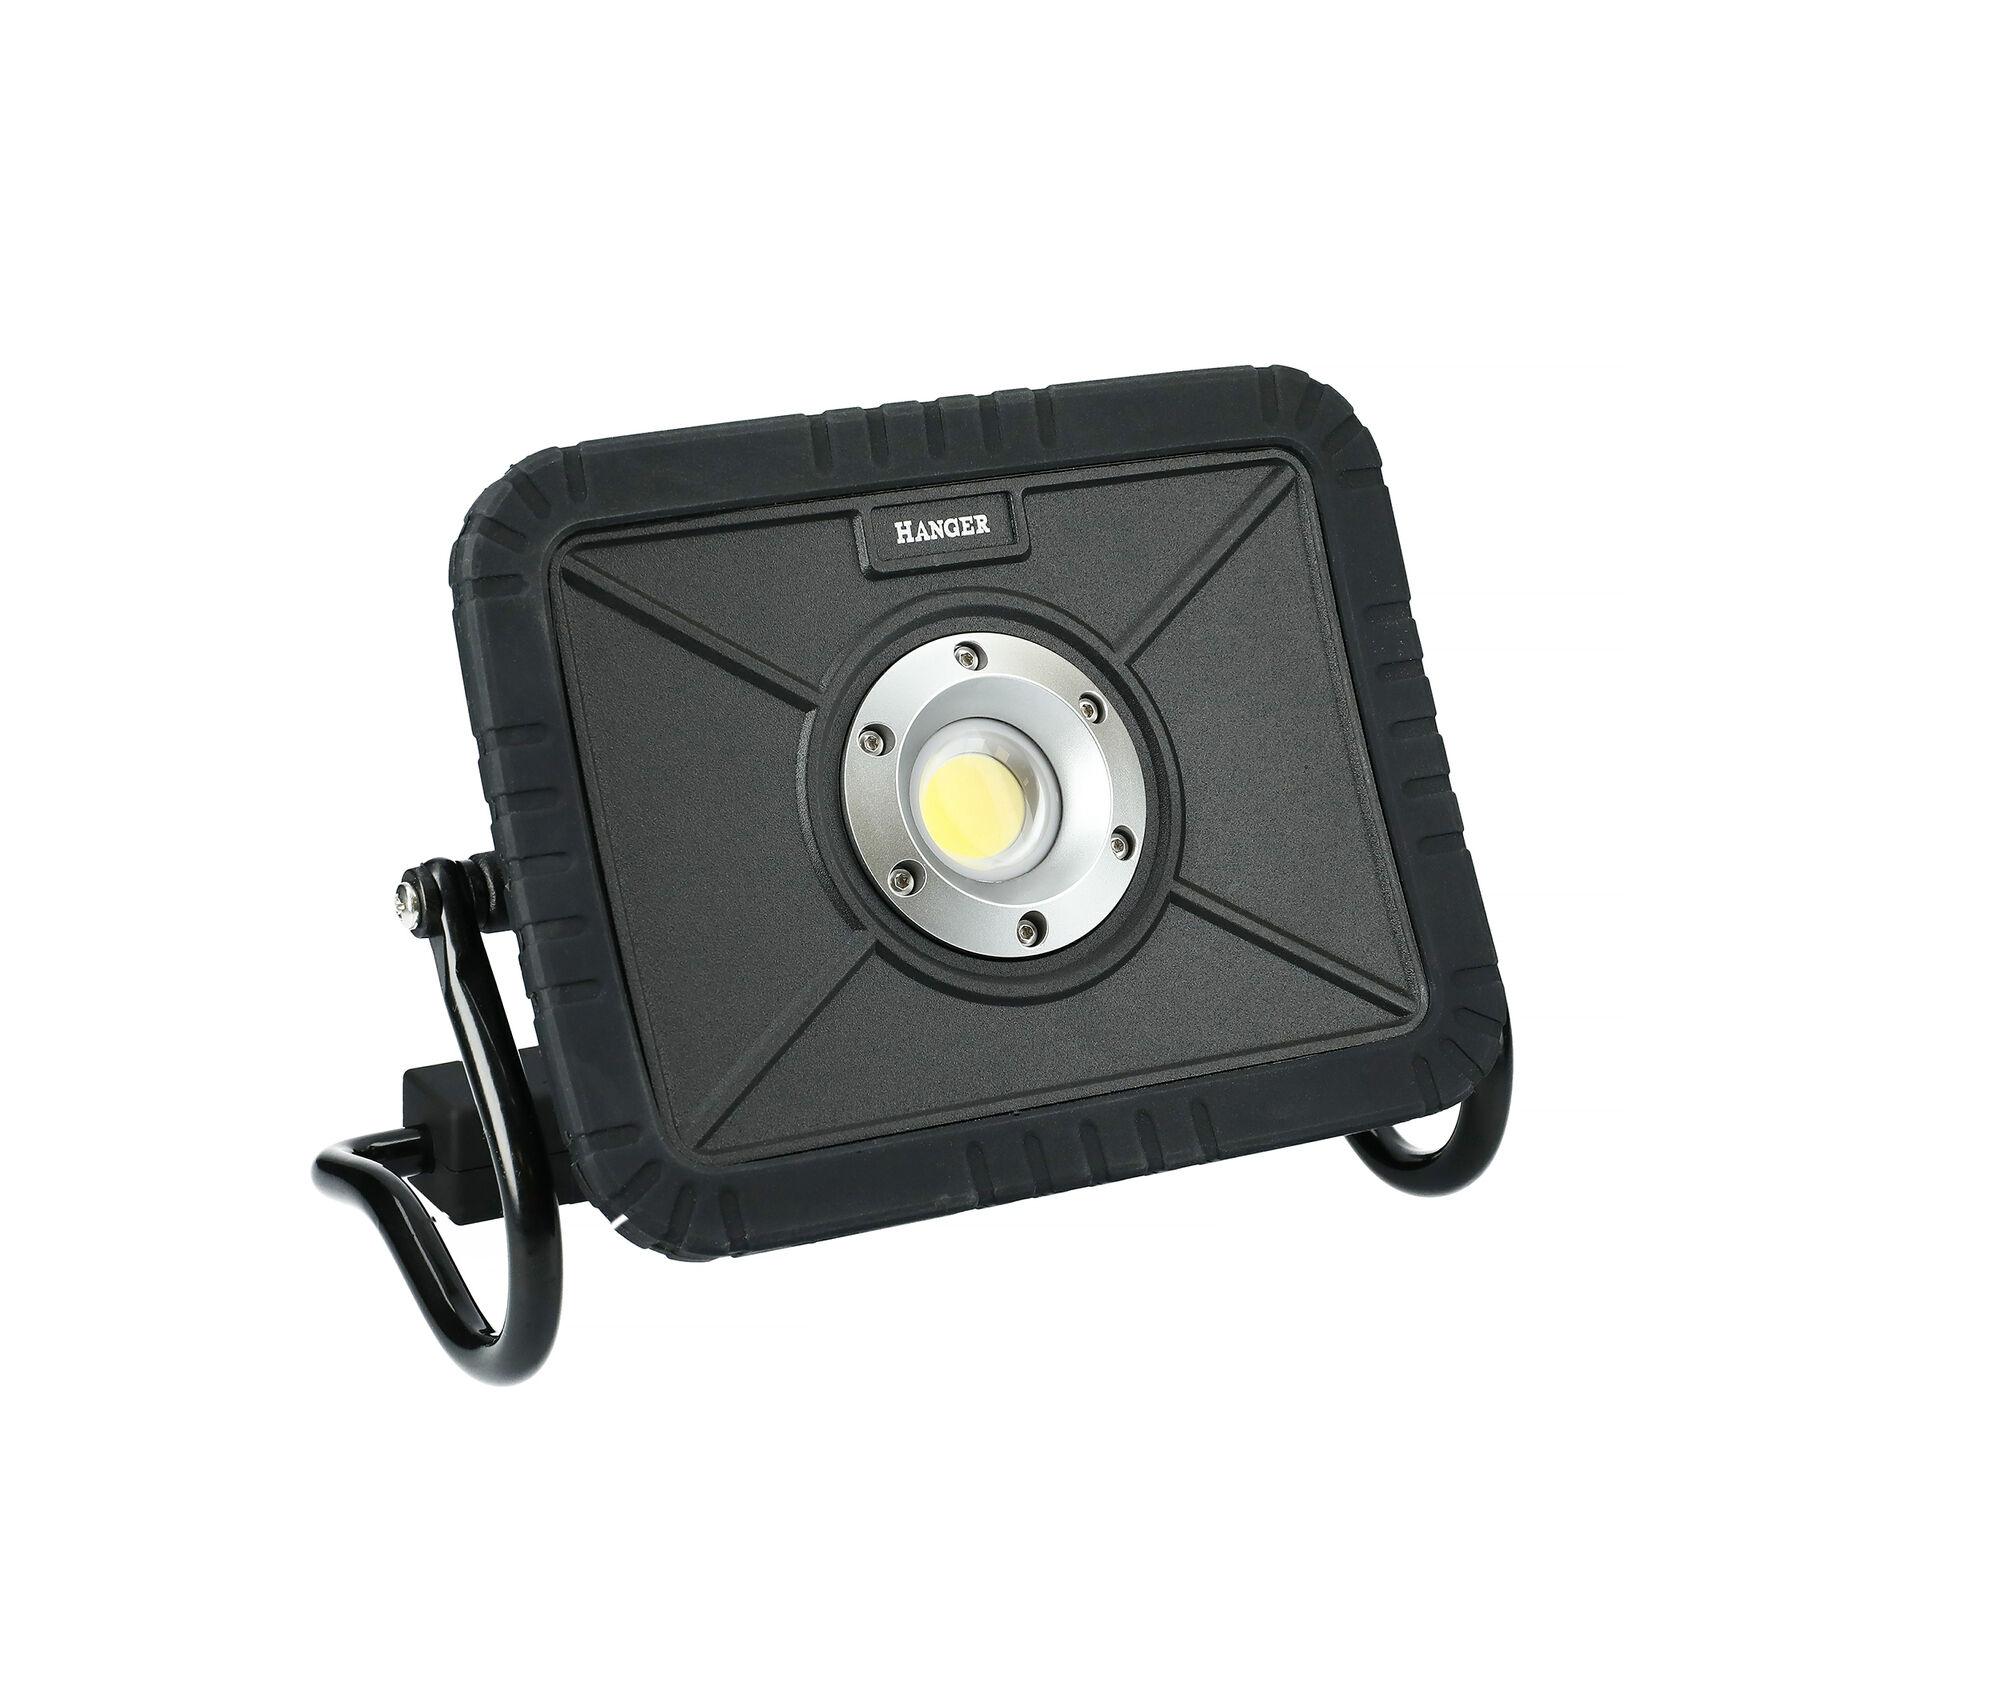 HANGER Projecteur de chantier 20W LED sur batterie - HANGER - 170503